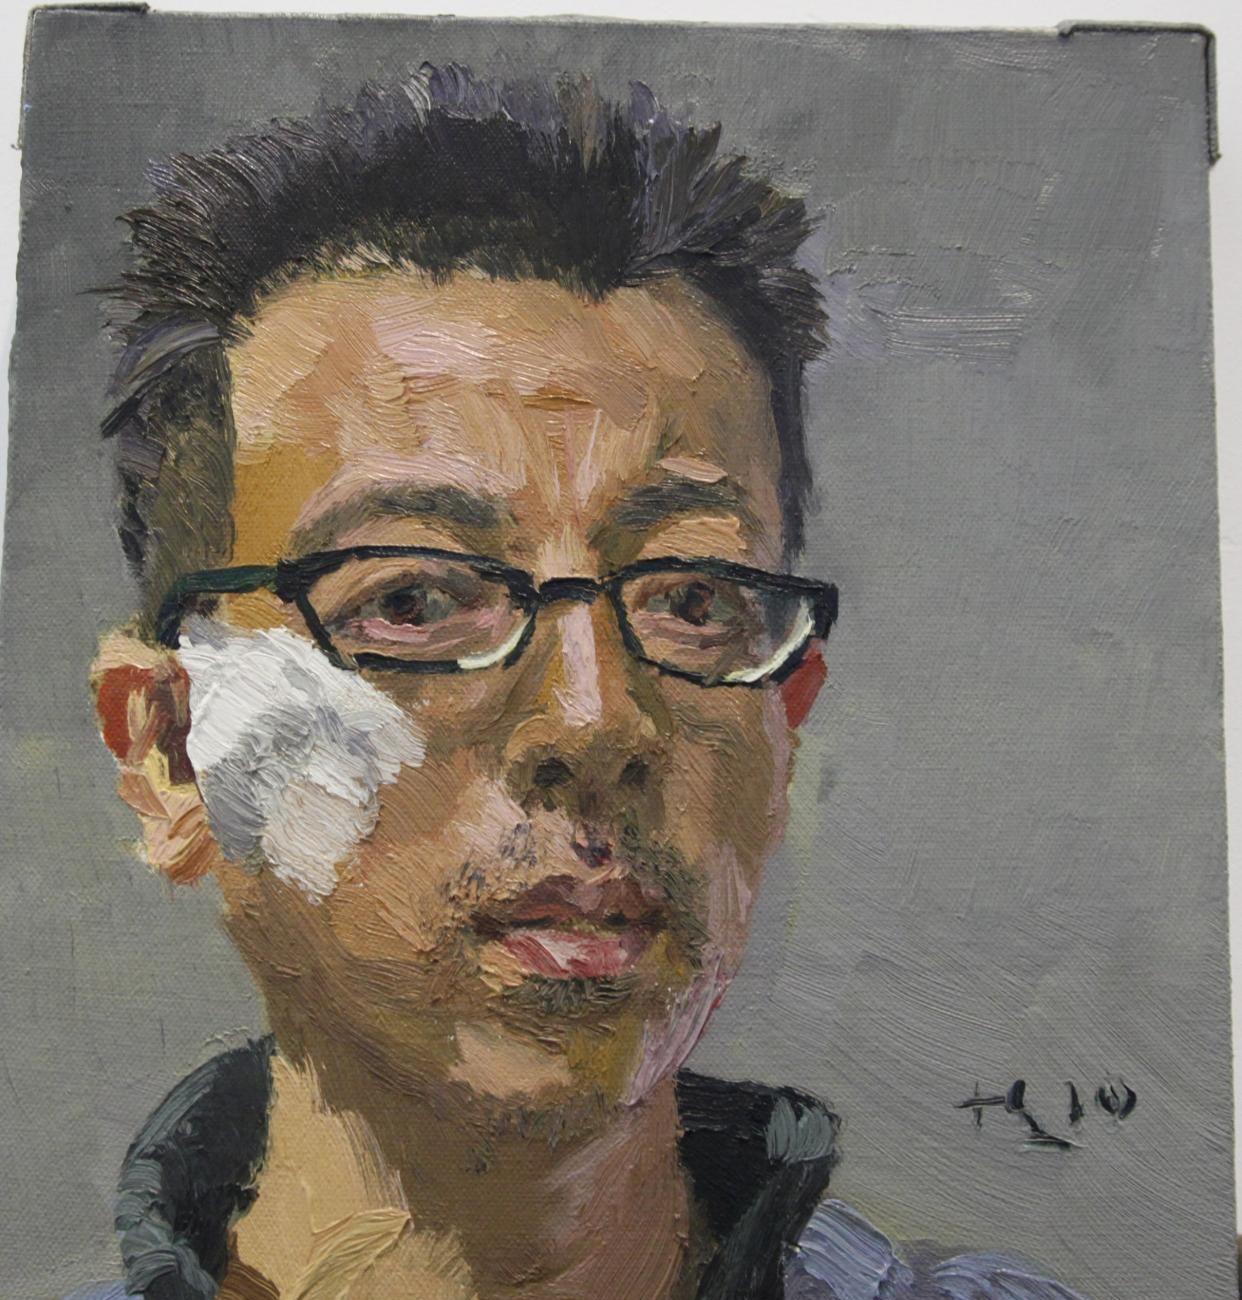 从中国美院、中央美院最具代表性的油画家作品看两校的录取风格